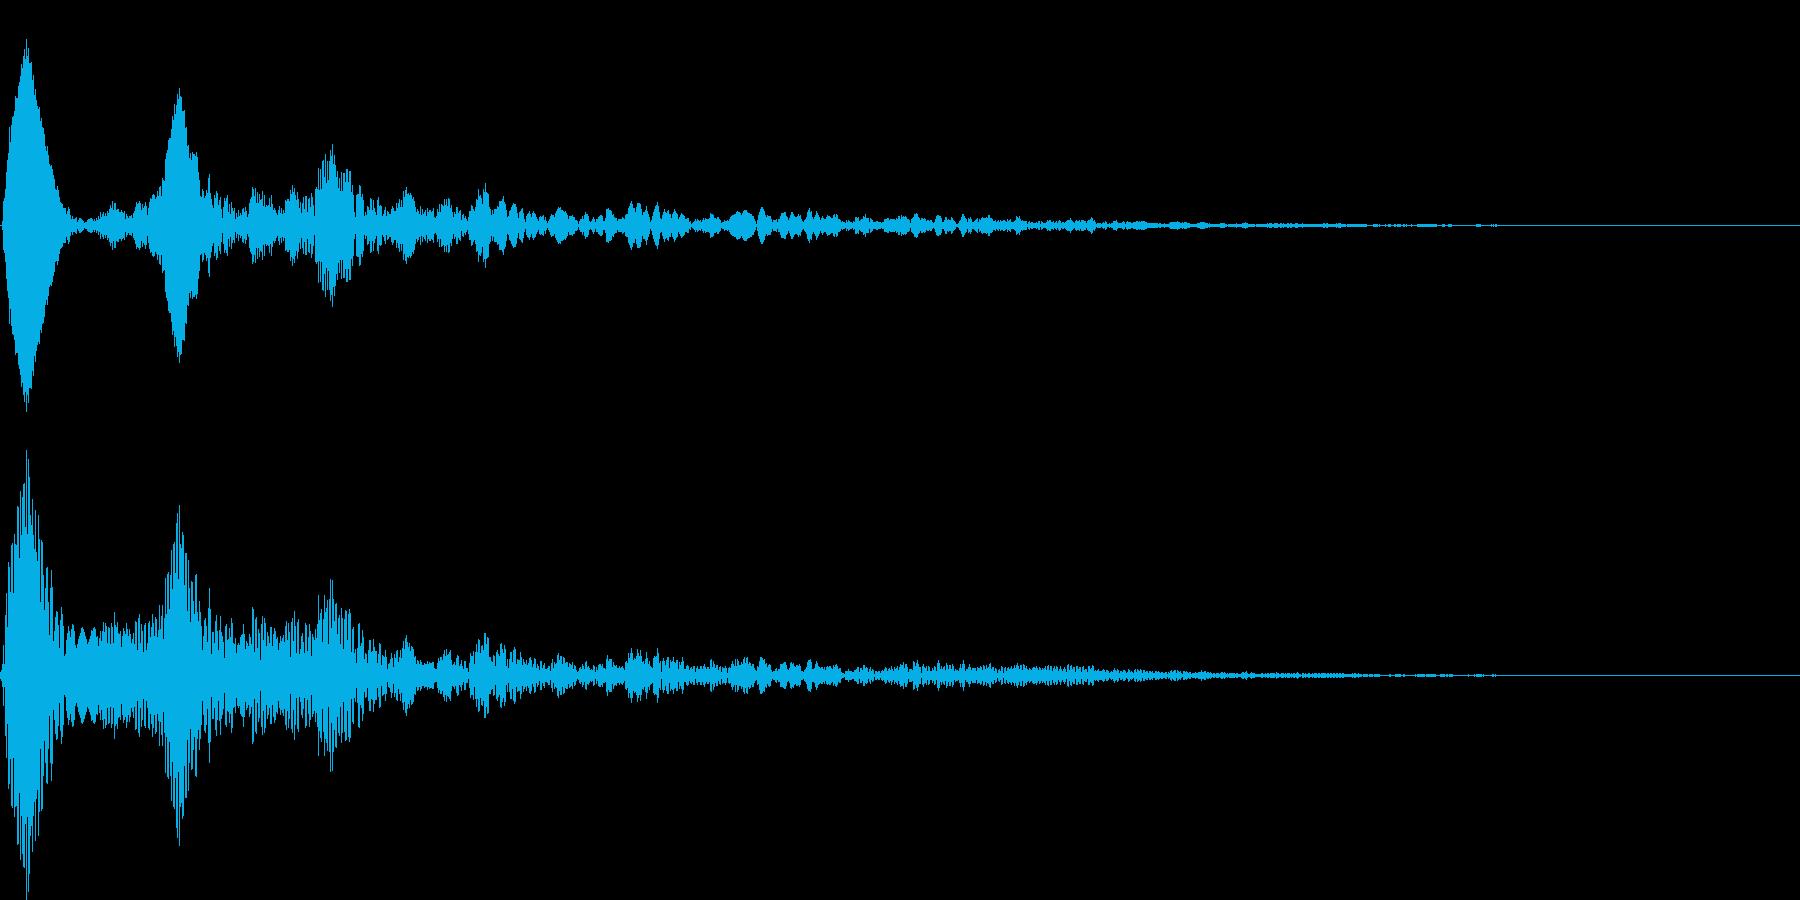 ワンポイント - 2 バブルの再生済みの波形